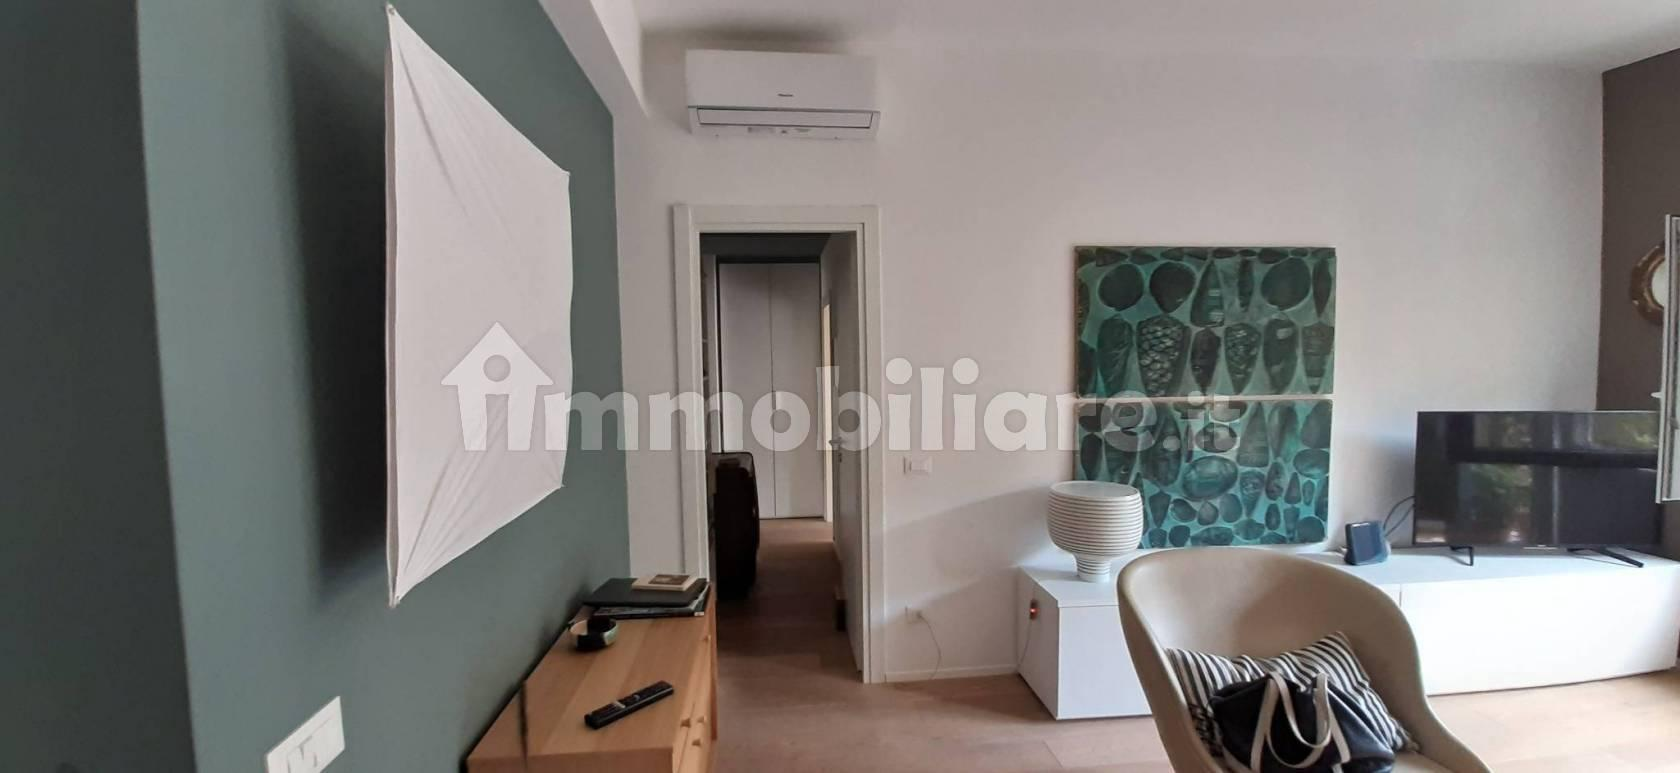 SUPERBE 5 PIECES ( Trois chambres)  ENTIEREMENT RENOVE CENTRE DE ROME (Trastevere - sur rue calme)  A VENDRE